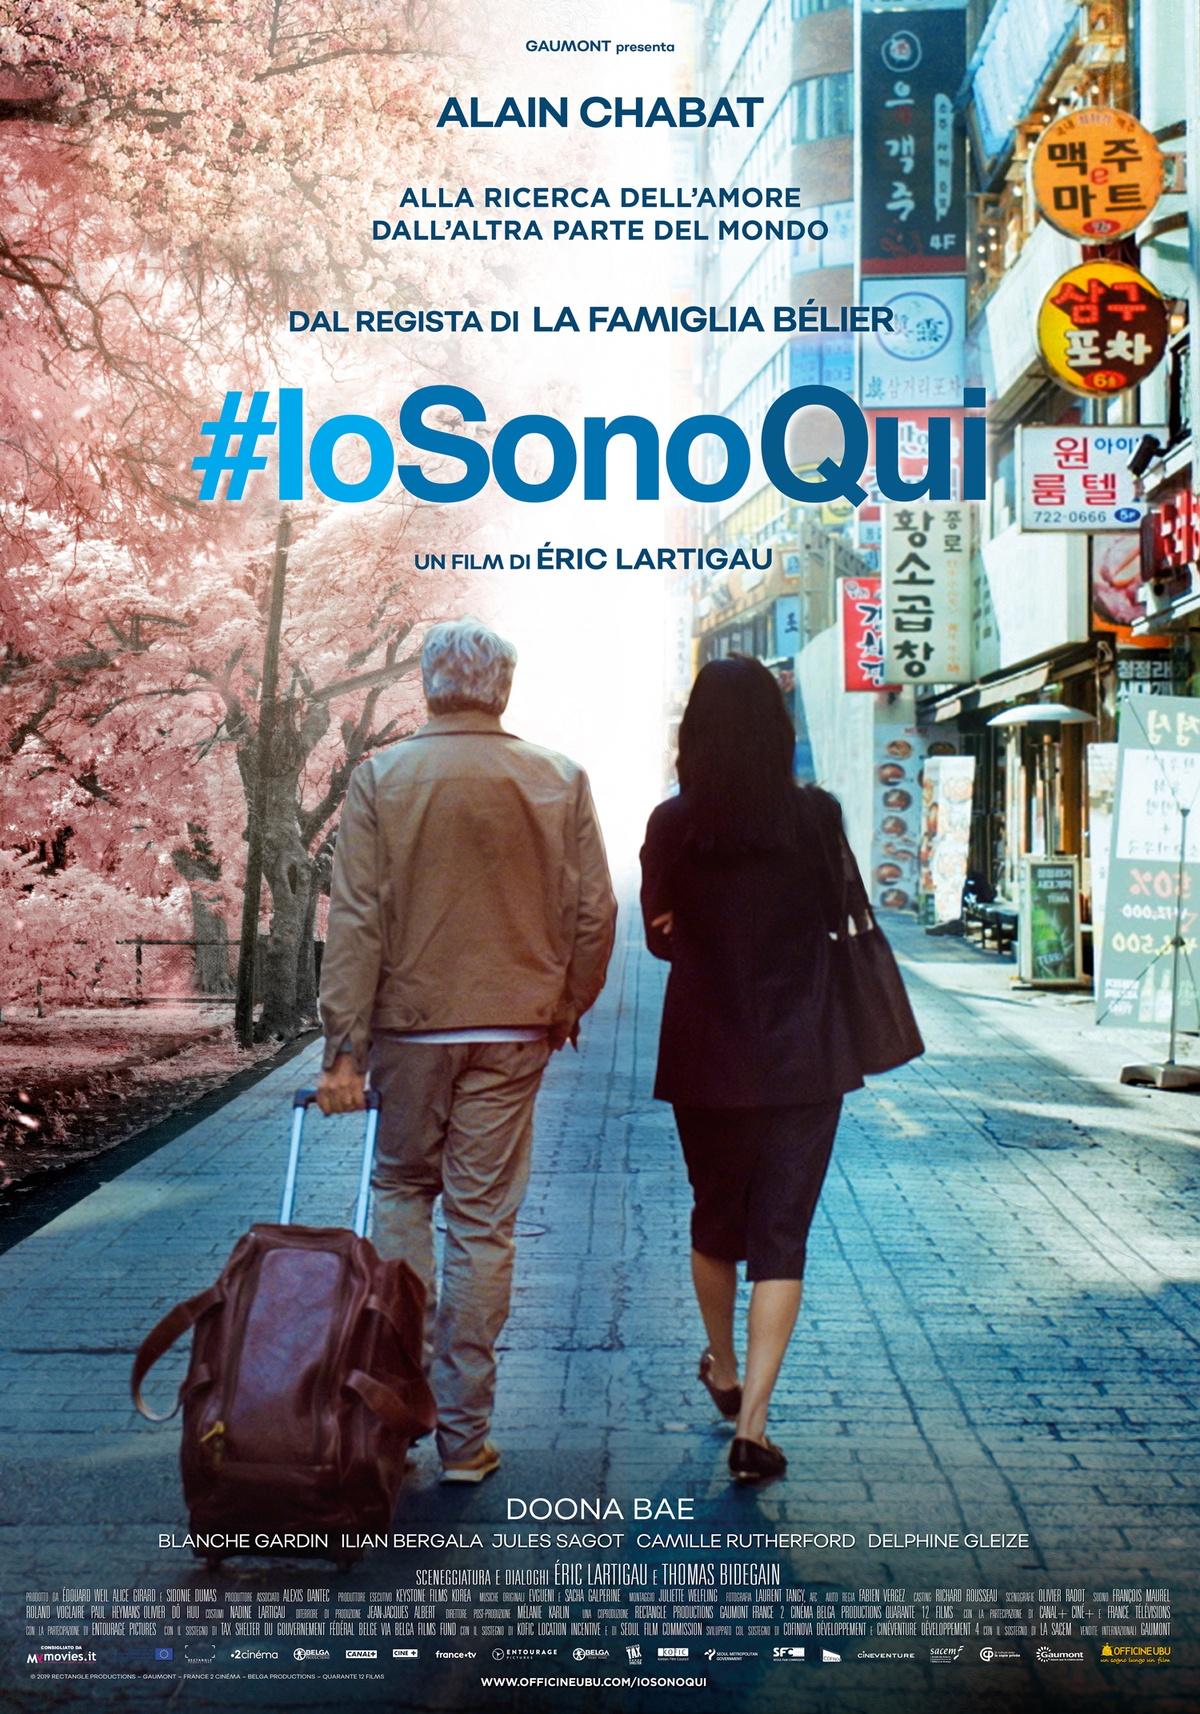 Film in uscita: #IoSonoQui